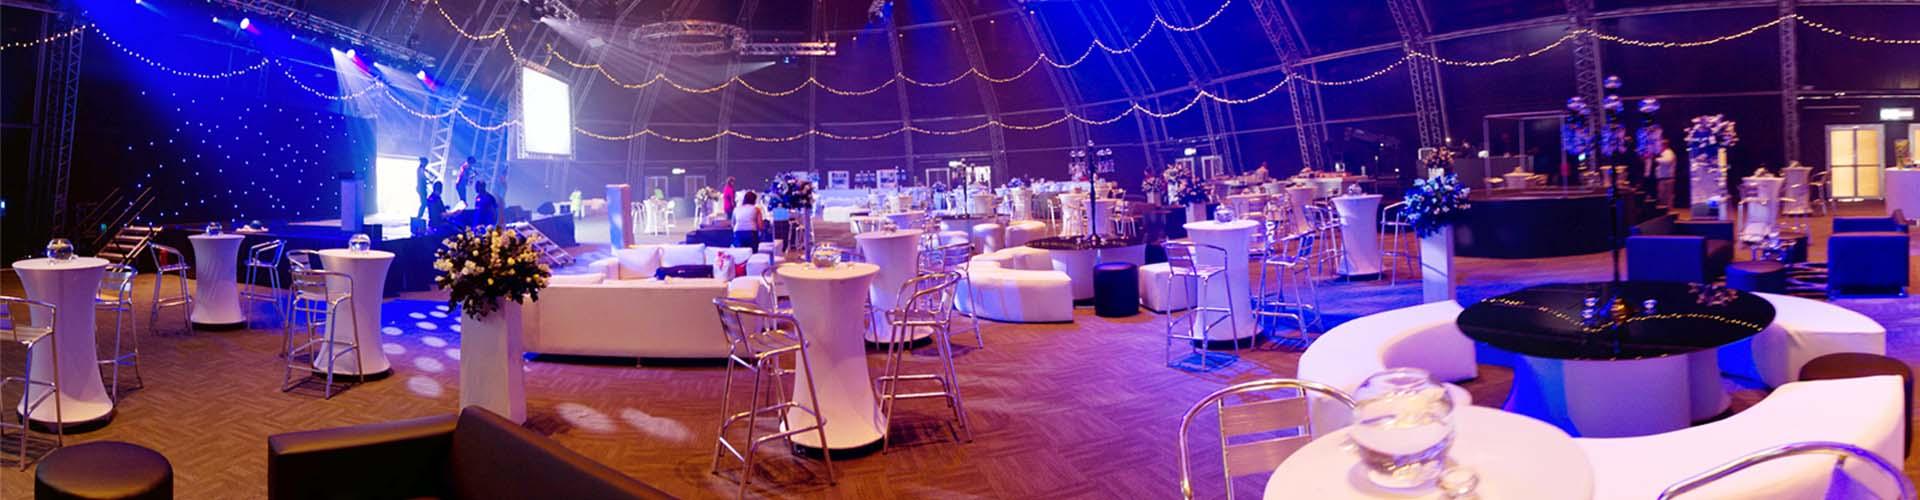 Themed Events Sa Wedding Decor